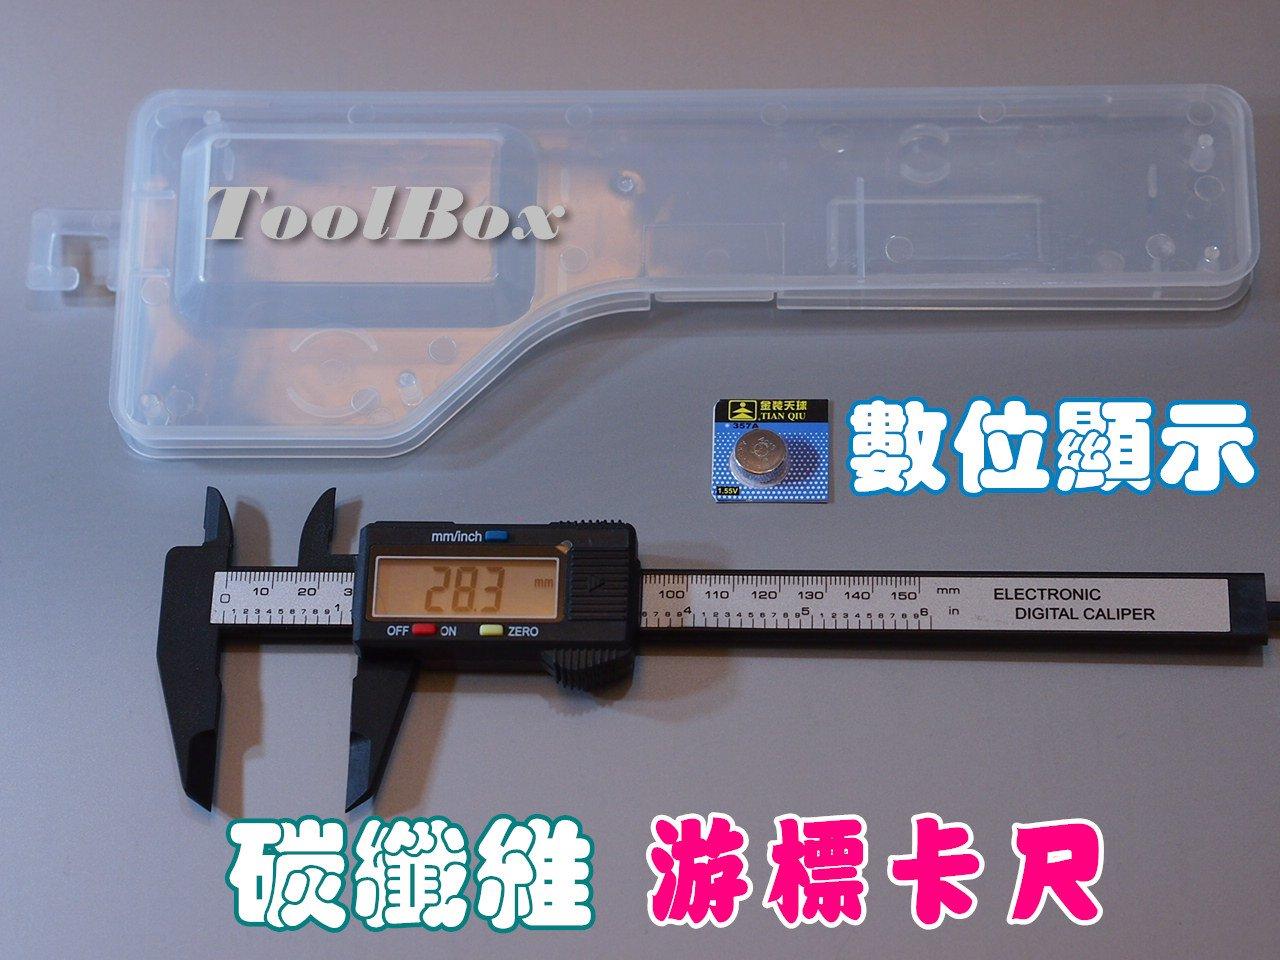 NO:1052C 游標卡尺 PP盒裝 數顯卡尺 電子卡尺 150mm 輕量碳纖維 大液晶 高精度 公英制切換 自動啟閉